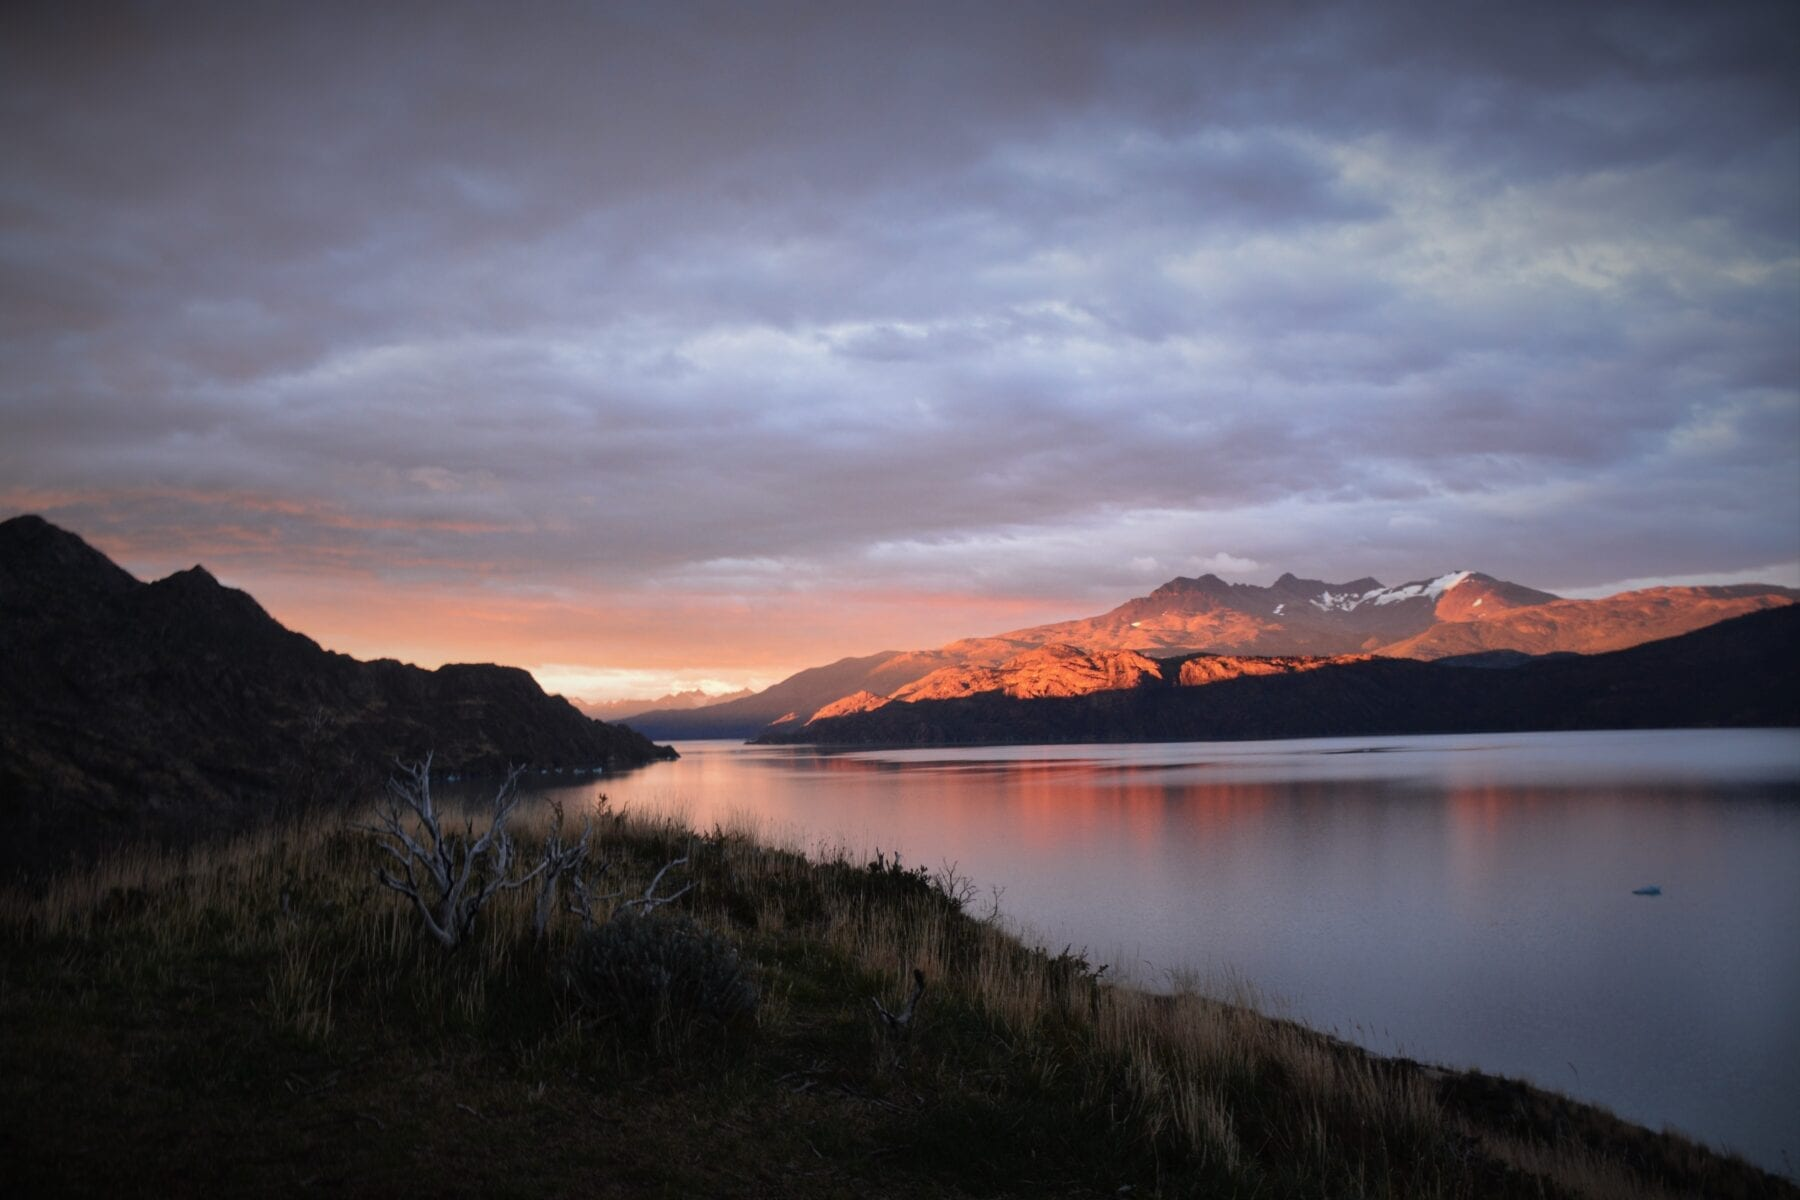 FIlm Chili 8k Patagonië